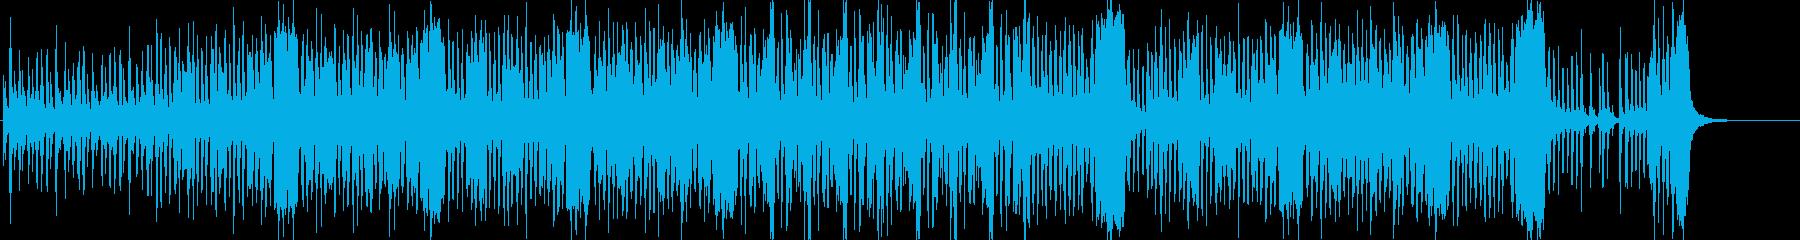 ノリの良いブラスバンド曲の再生済みの波形